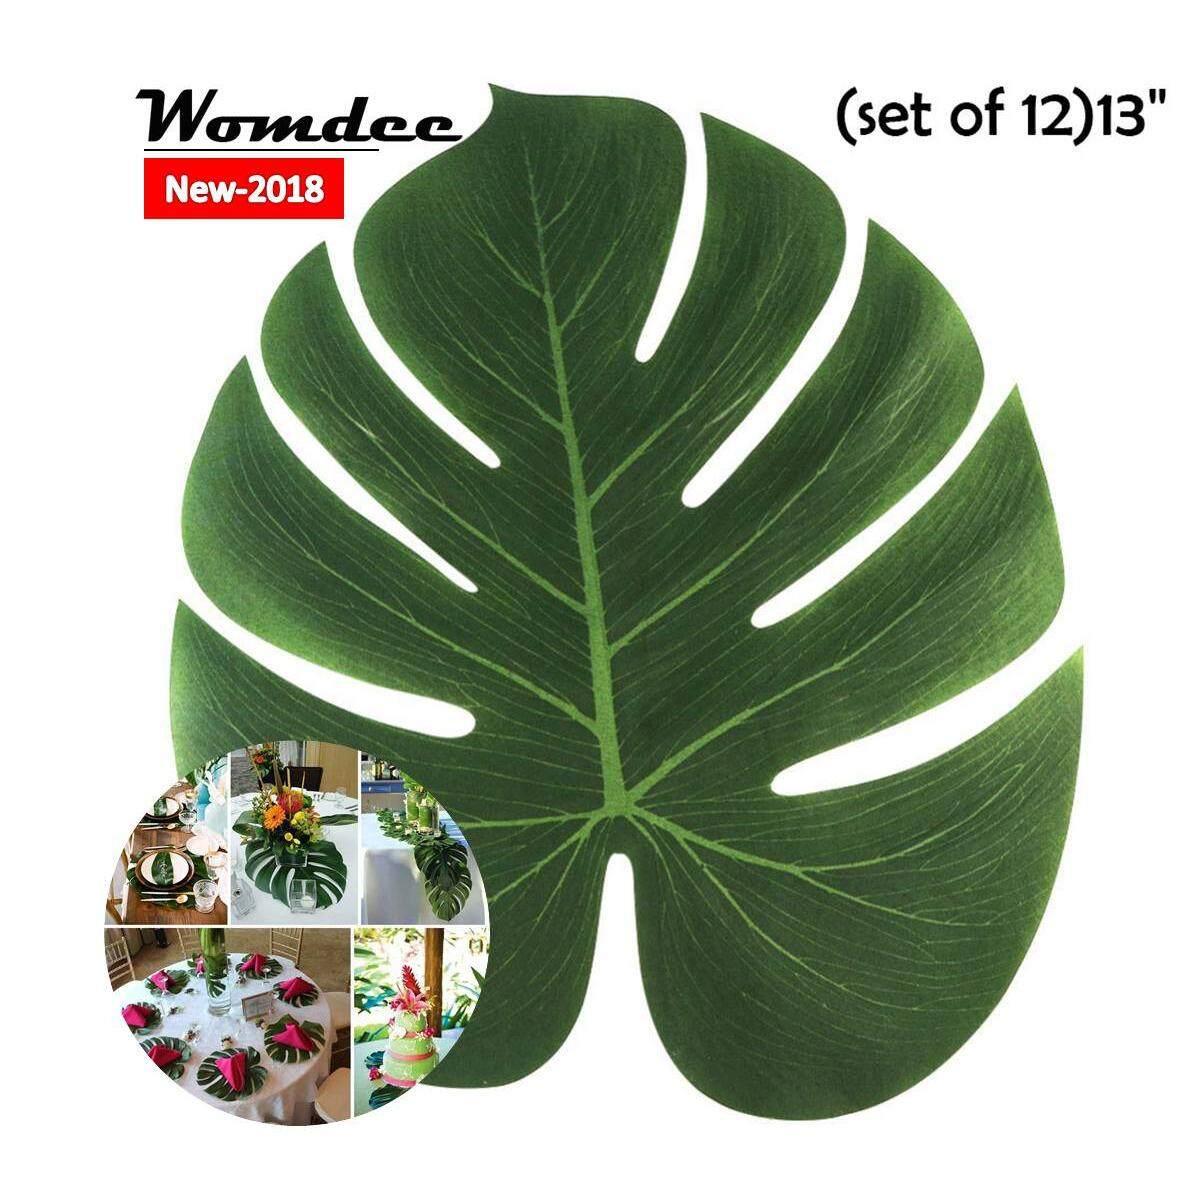 Womdee 12 แพ็คปาล์มเขตร้อนใบ, 13 นิ้วปาล์มเทียม Leaves อุปกรณ์งานปาร์ตี้สำหรับ Hawaiian เทศกาลฮาวายปาร์ตี้สวนเครื่องประดับโต๊ะ - Intl By Womdee.